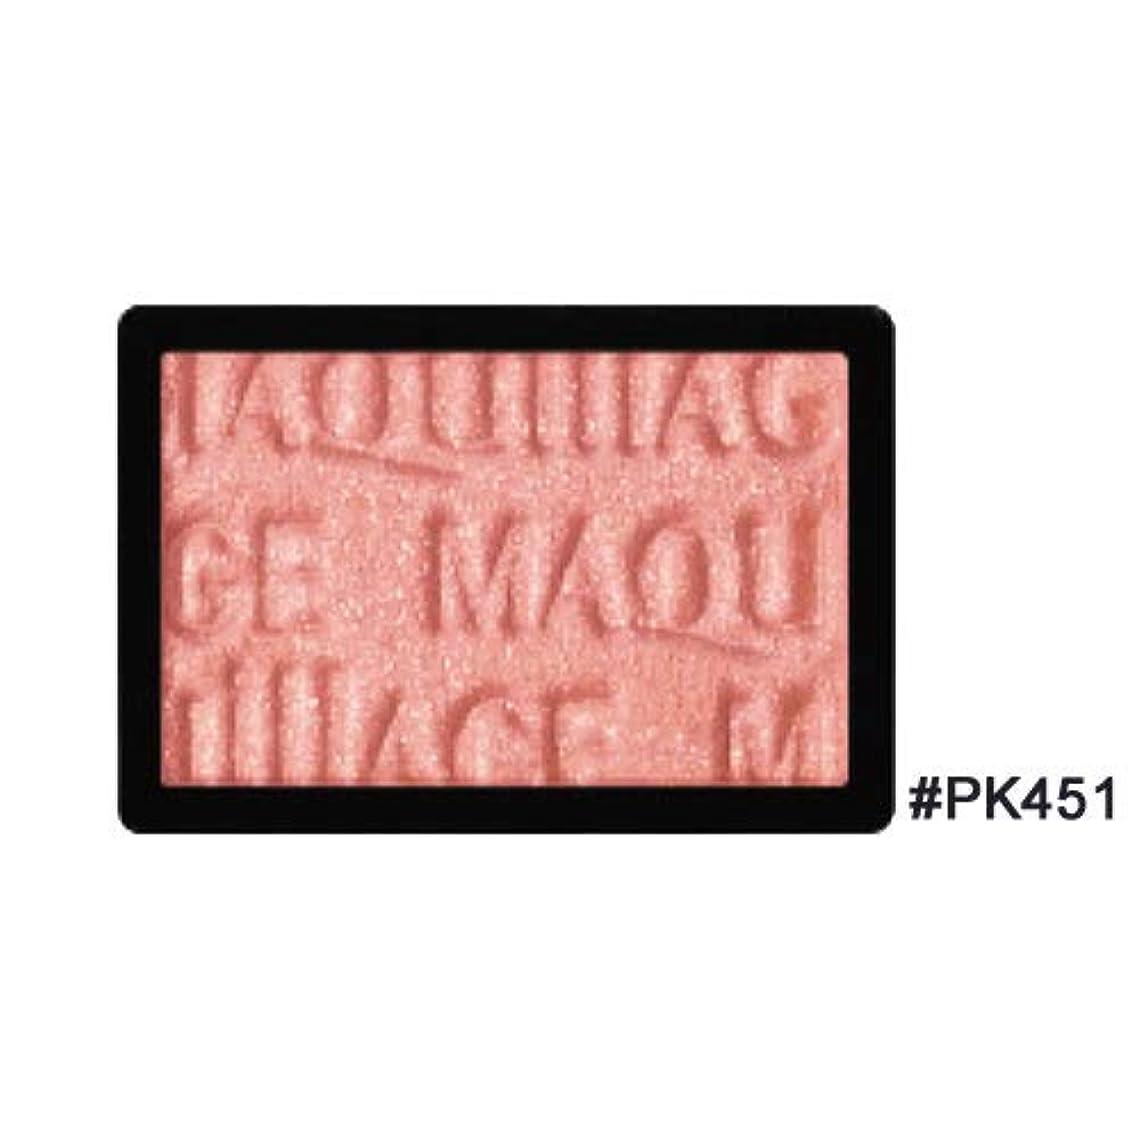 不適理容室音資生堂 SHISEIDO マキアージュ アイカラー N (パウダー) レフィル #PK451 [並行輸入品]